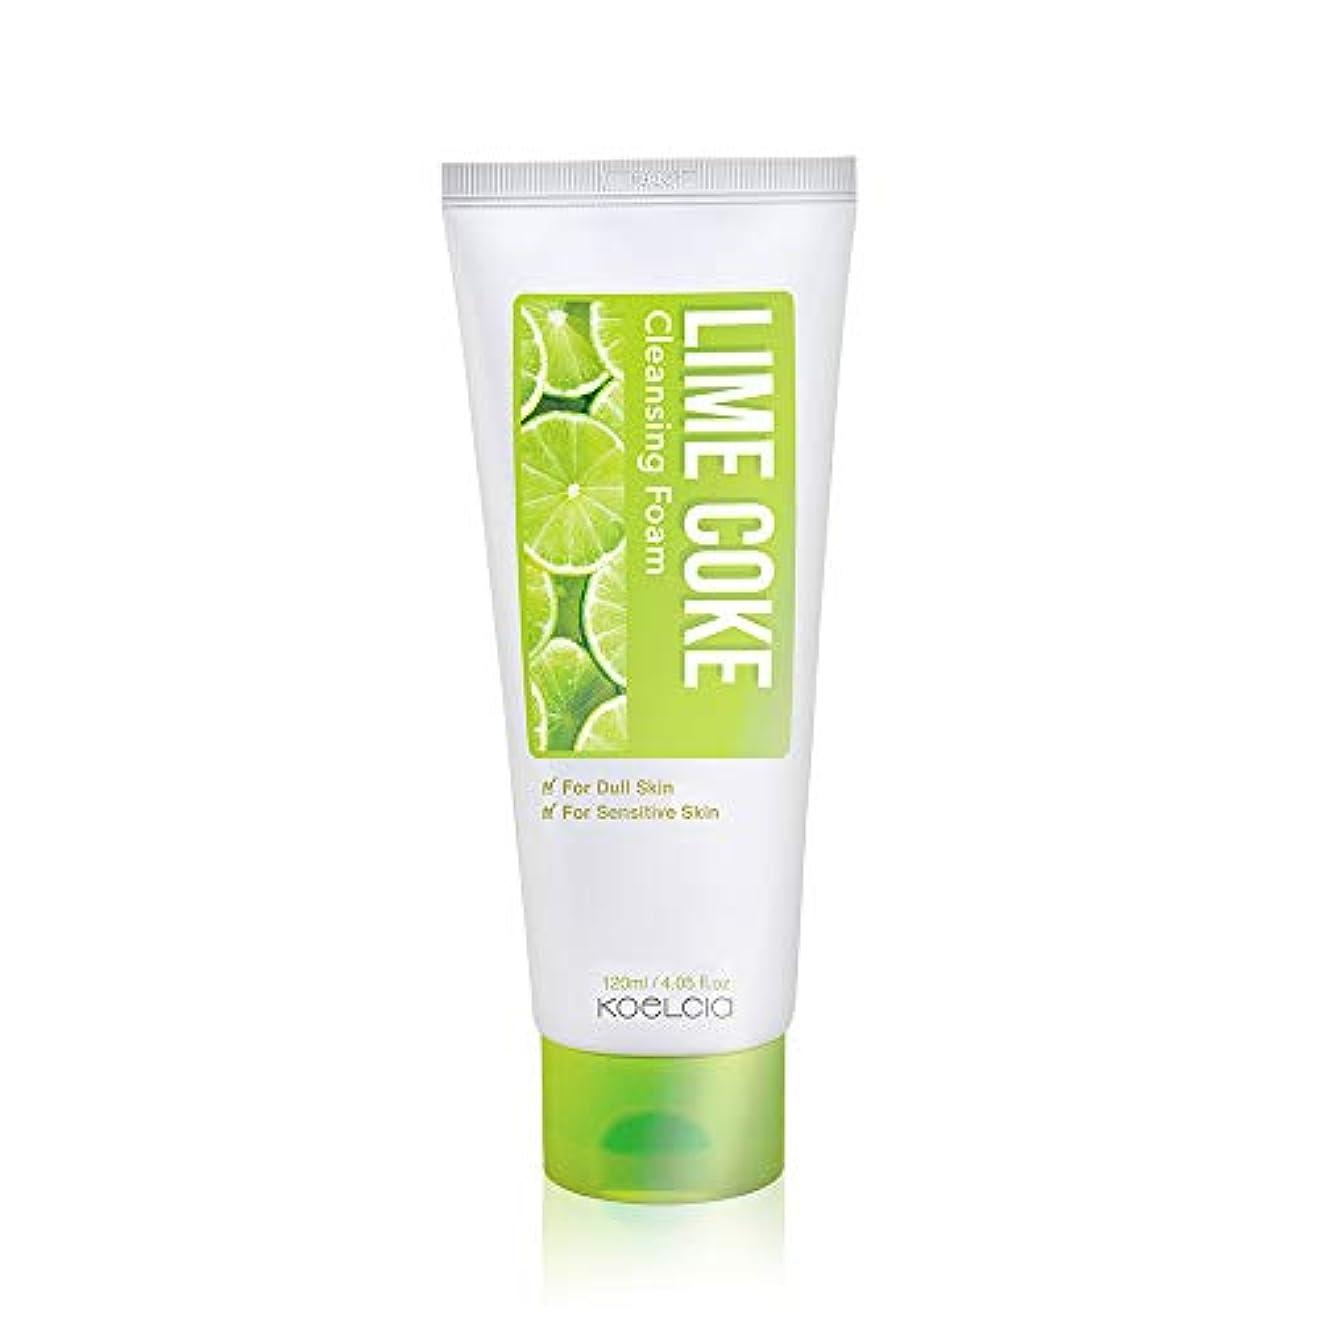 散歩に行くジーンズ眉KOELCIA Lime Coke Cleansing Foam 120ml/コエルシア ライム コーク クレンジングフォーム 120ml/Korea Cosmetics